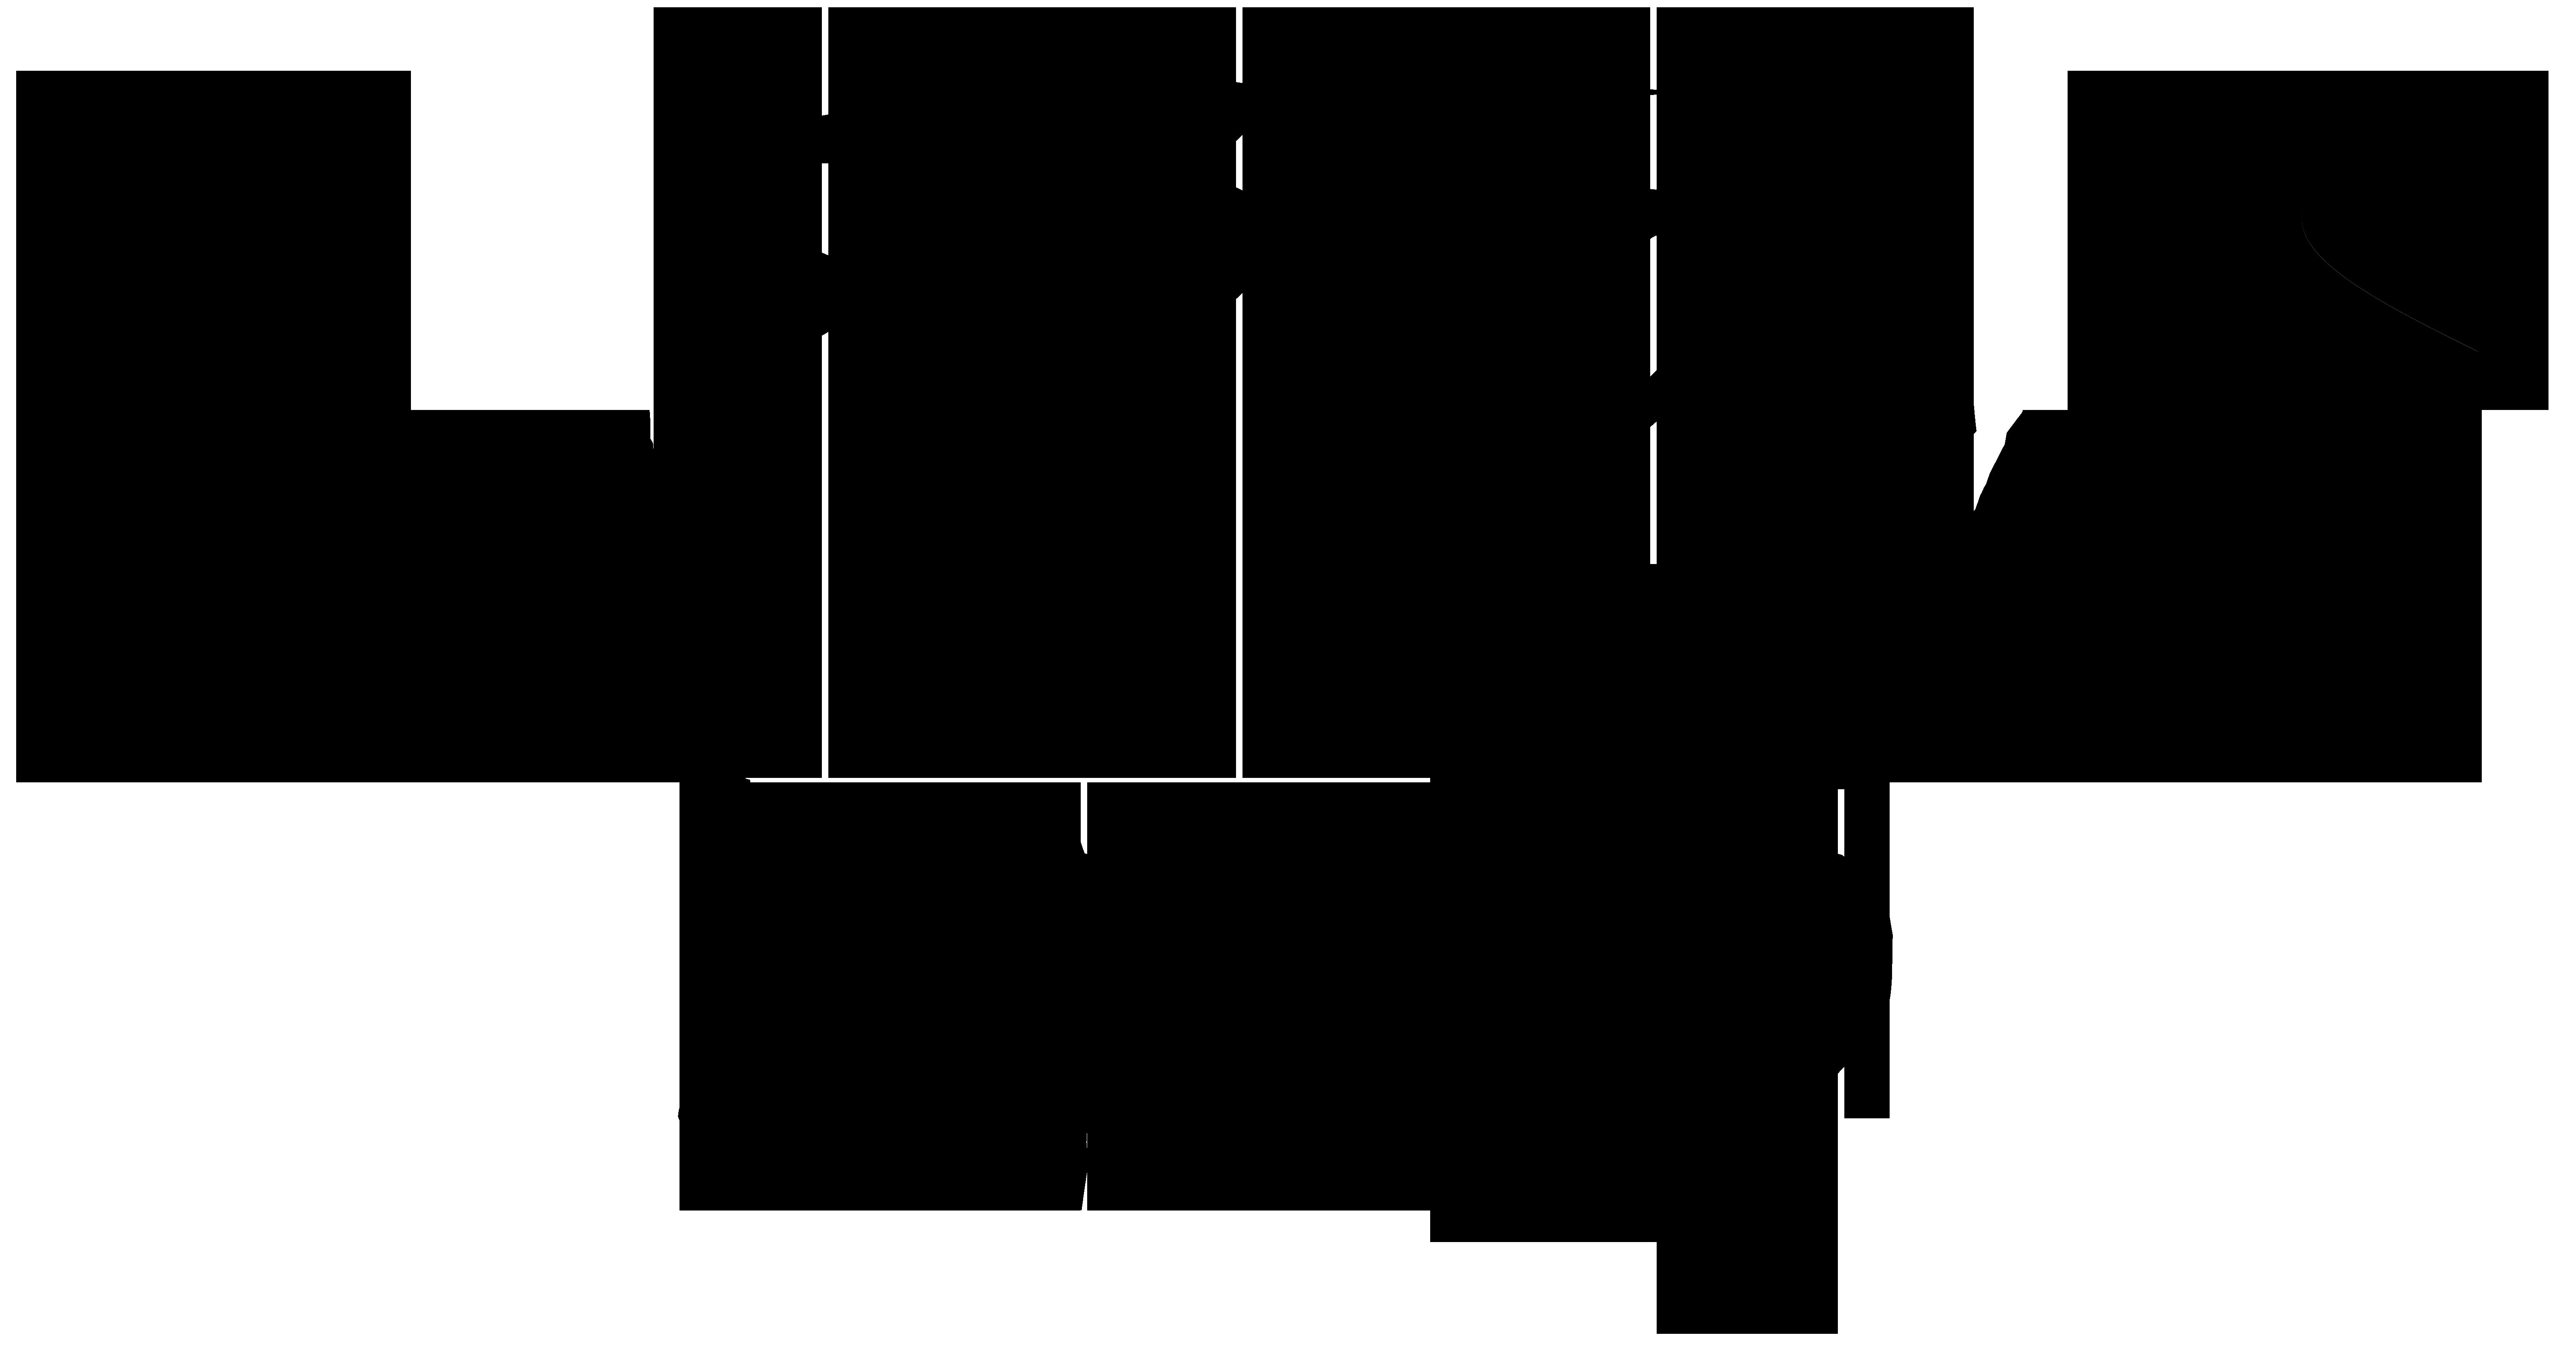 riptide-speed-tm-logo-black-transparent.png